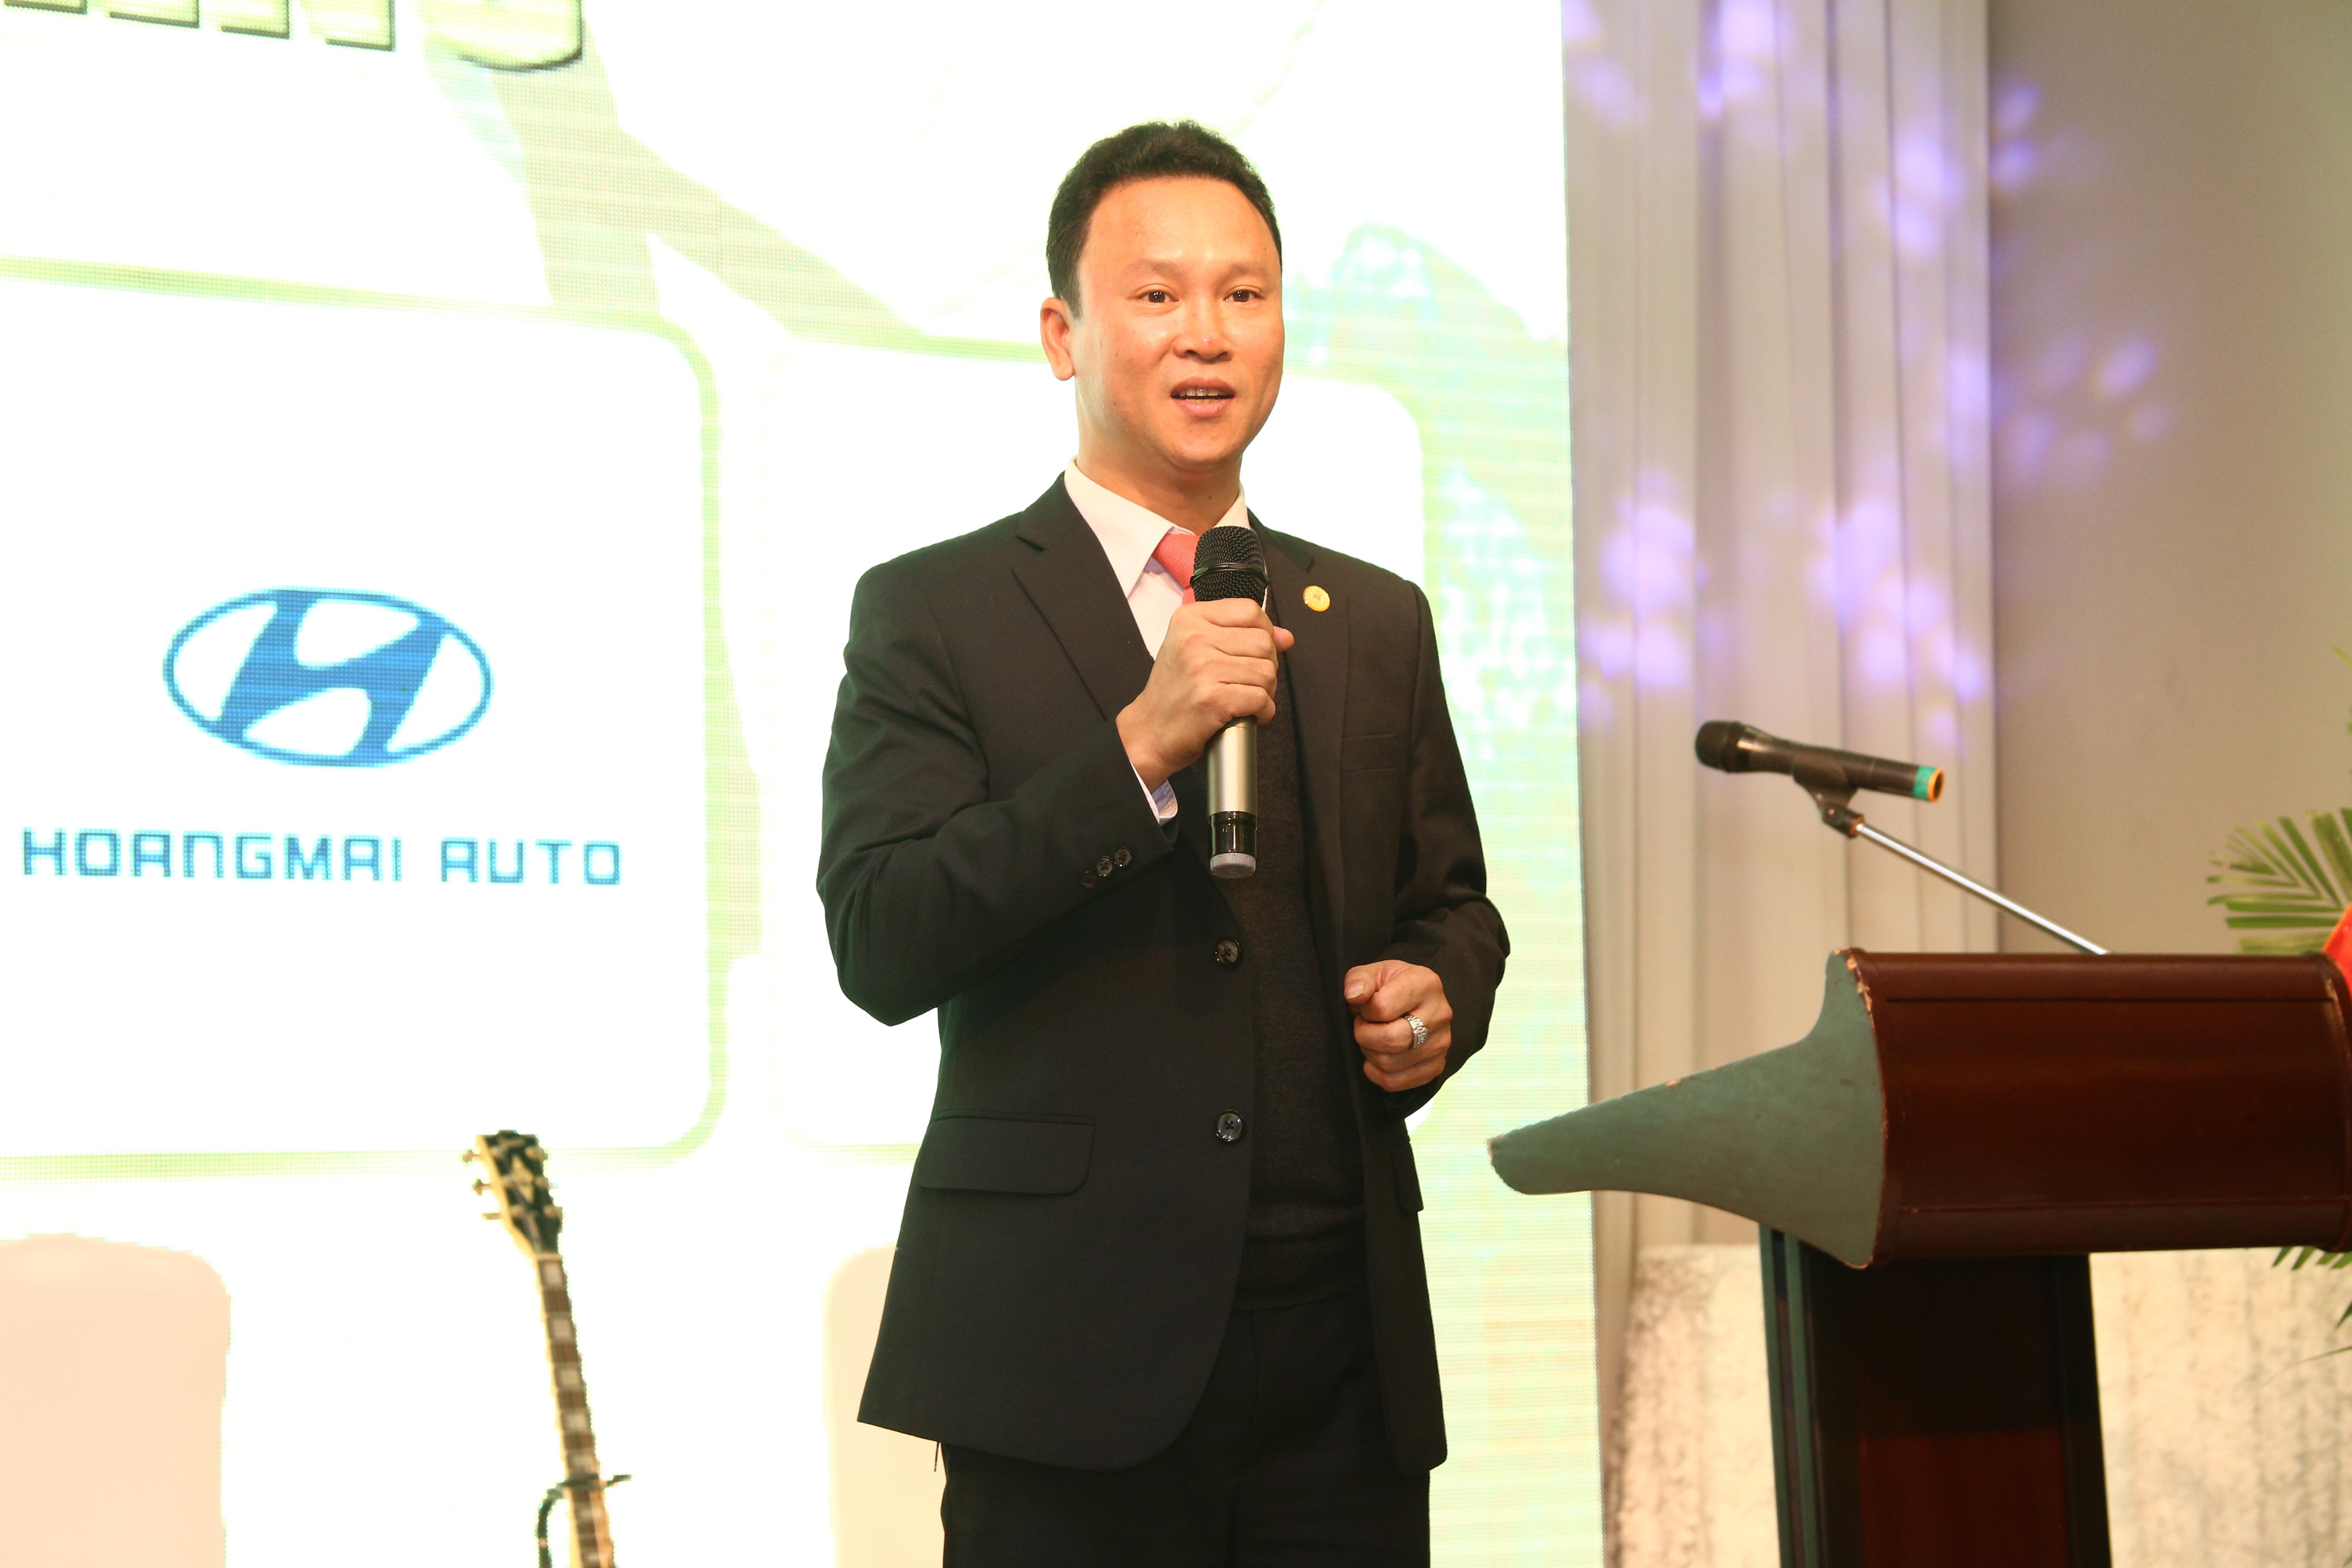 Ông Nguyễn Đức Cảnh Số 390 Nguyễn Văn Linh - Dư Hàng Kênh - Lê Chân - Hải Phòng